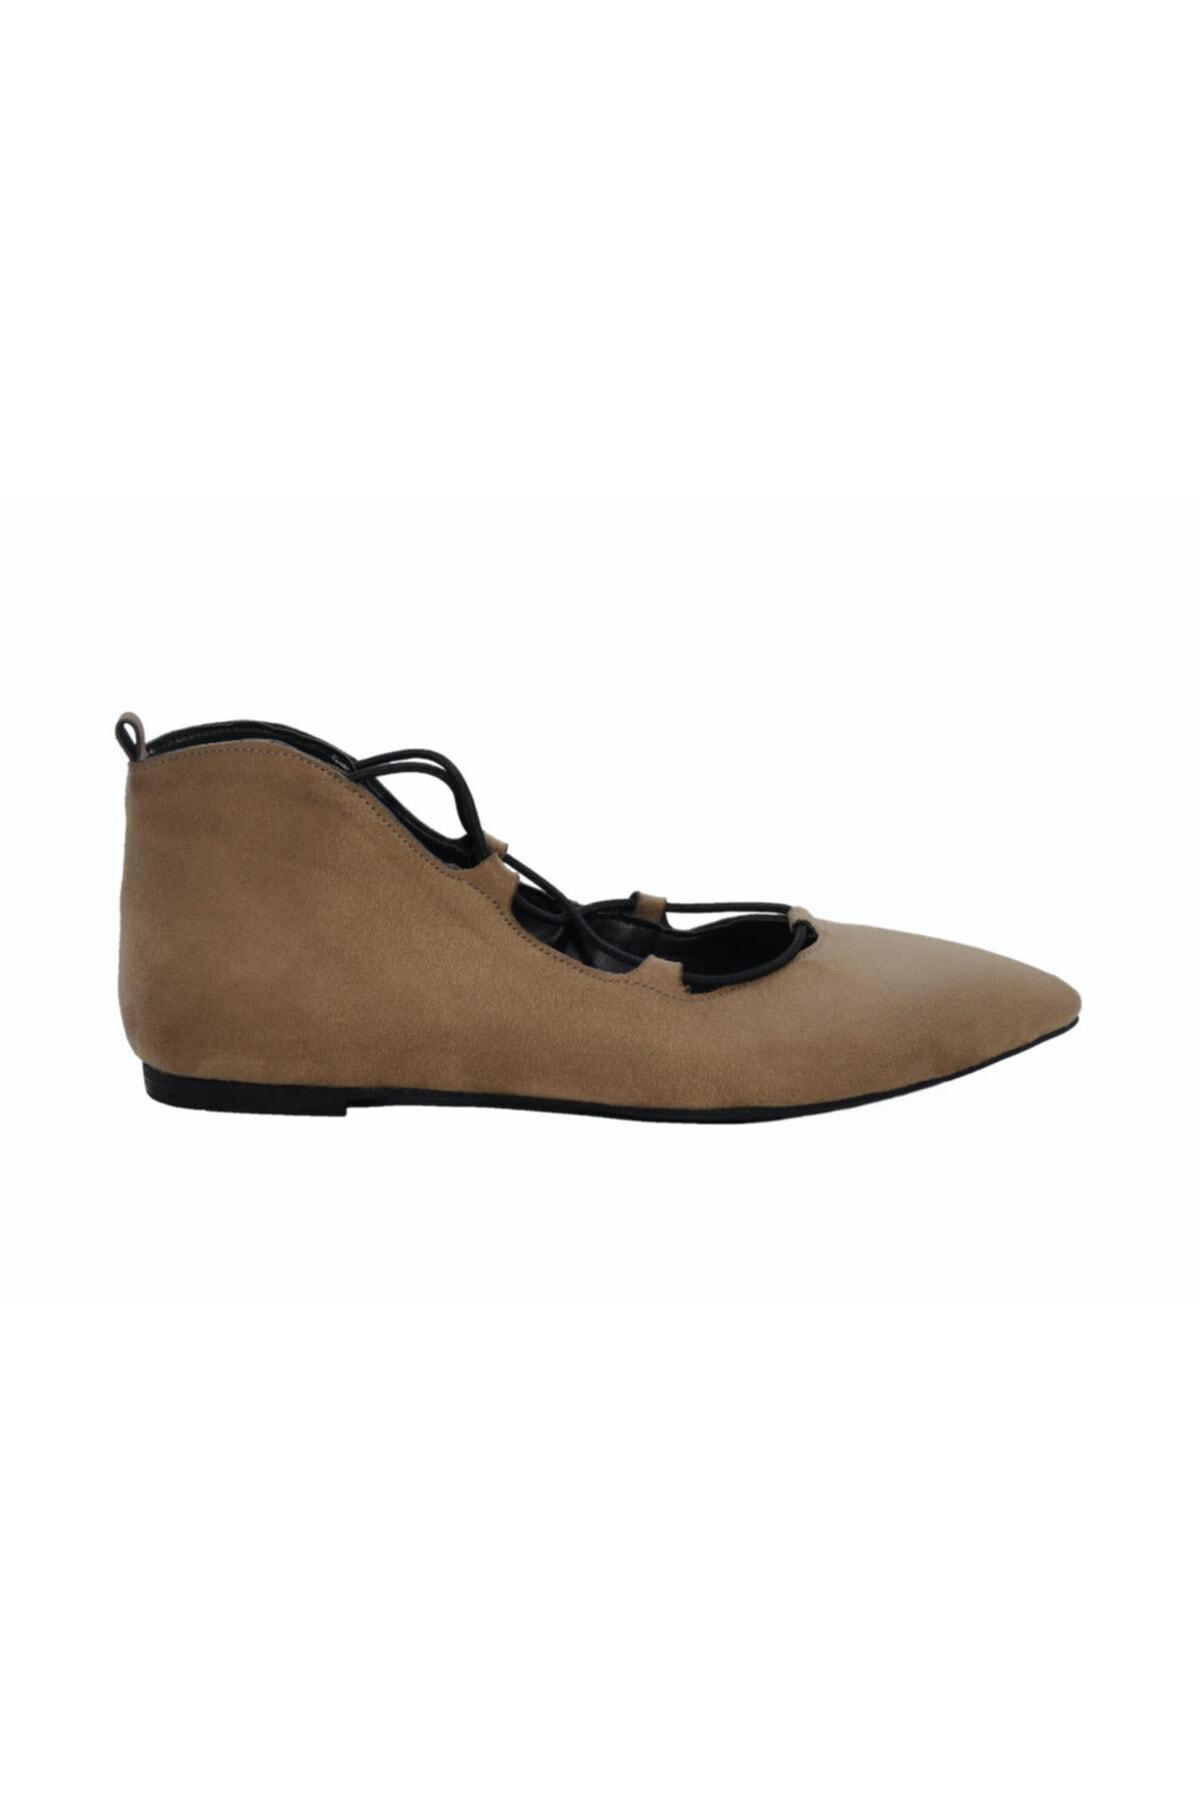 DİVUM Kadın Vizon Süet Ayakkabı 1